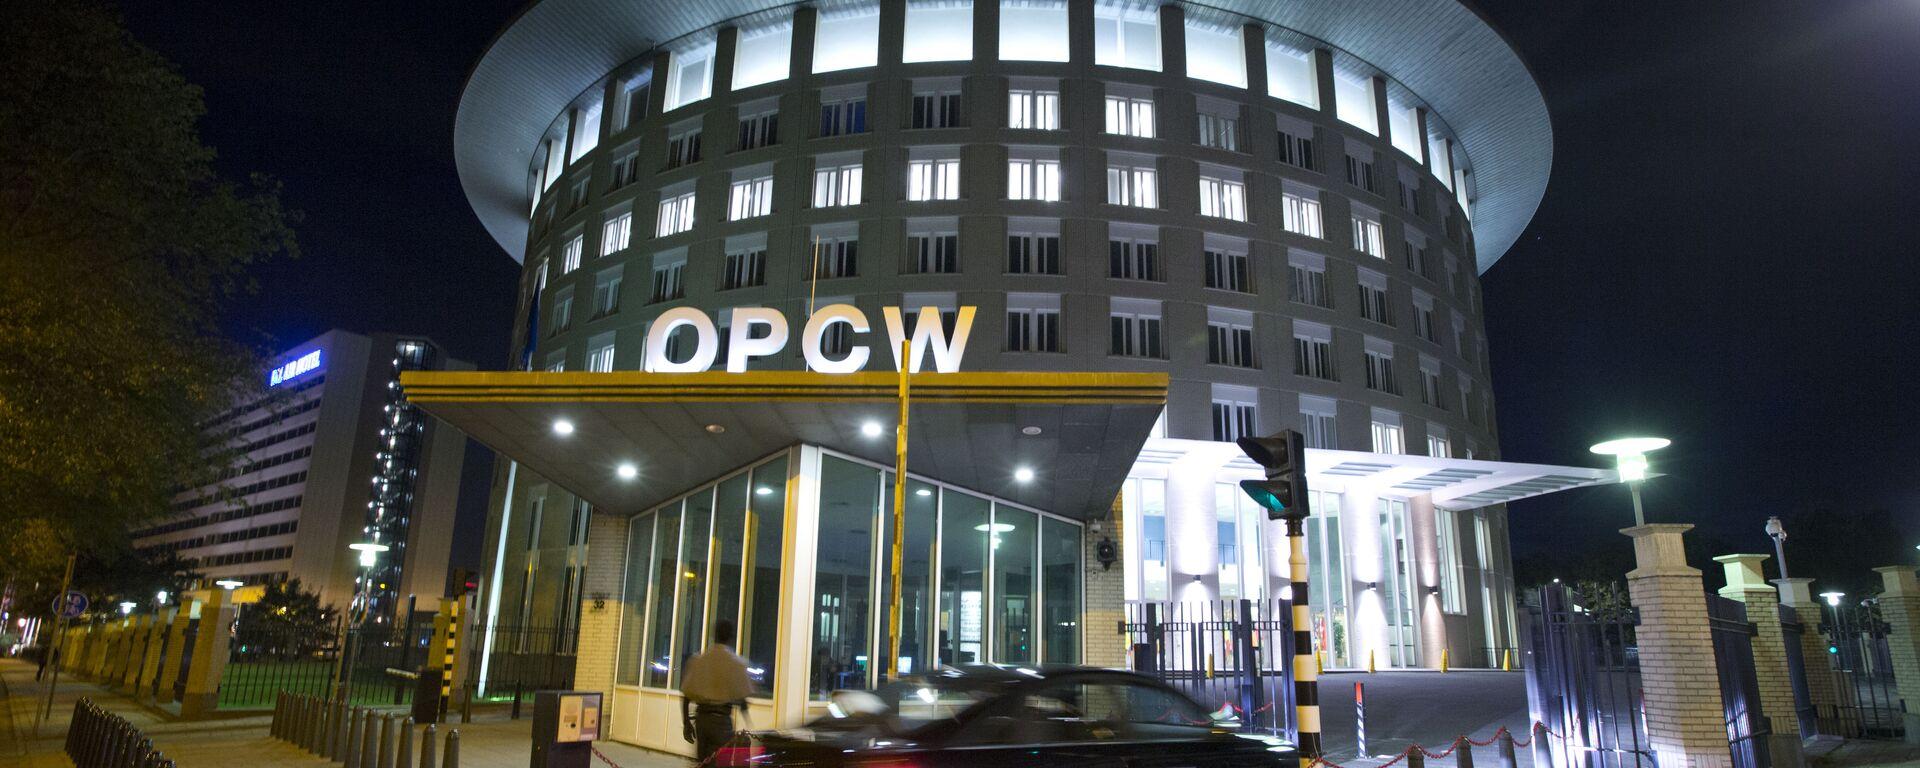 Organizacja ds. Zakazu Broni Chemicznej (OPCW)  - Sputnik Polska, 1920, 01.12.2020